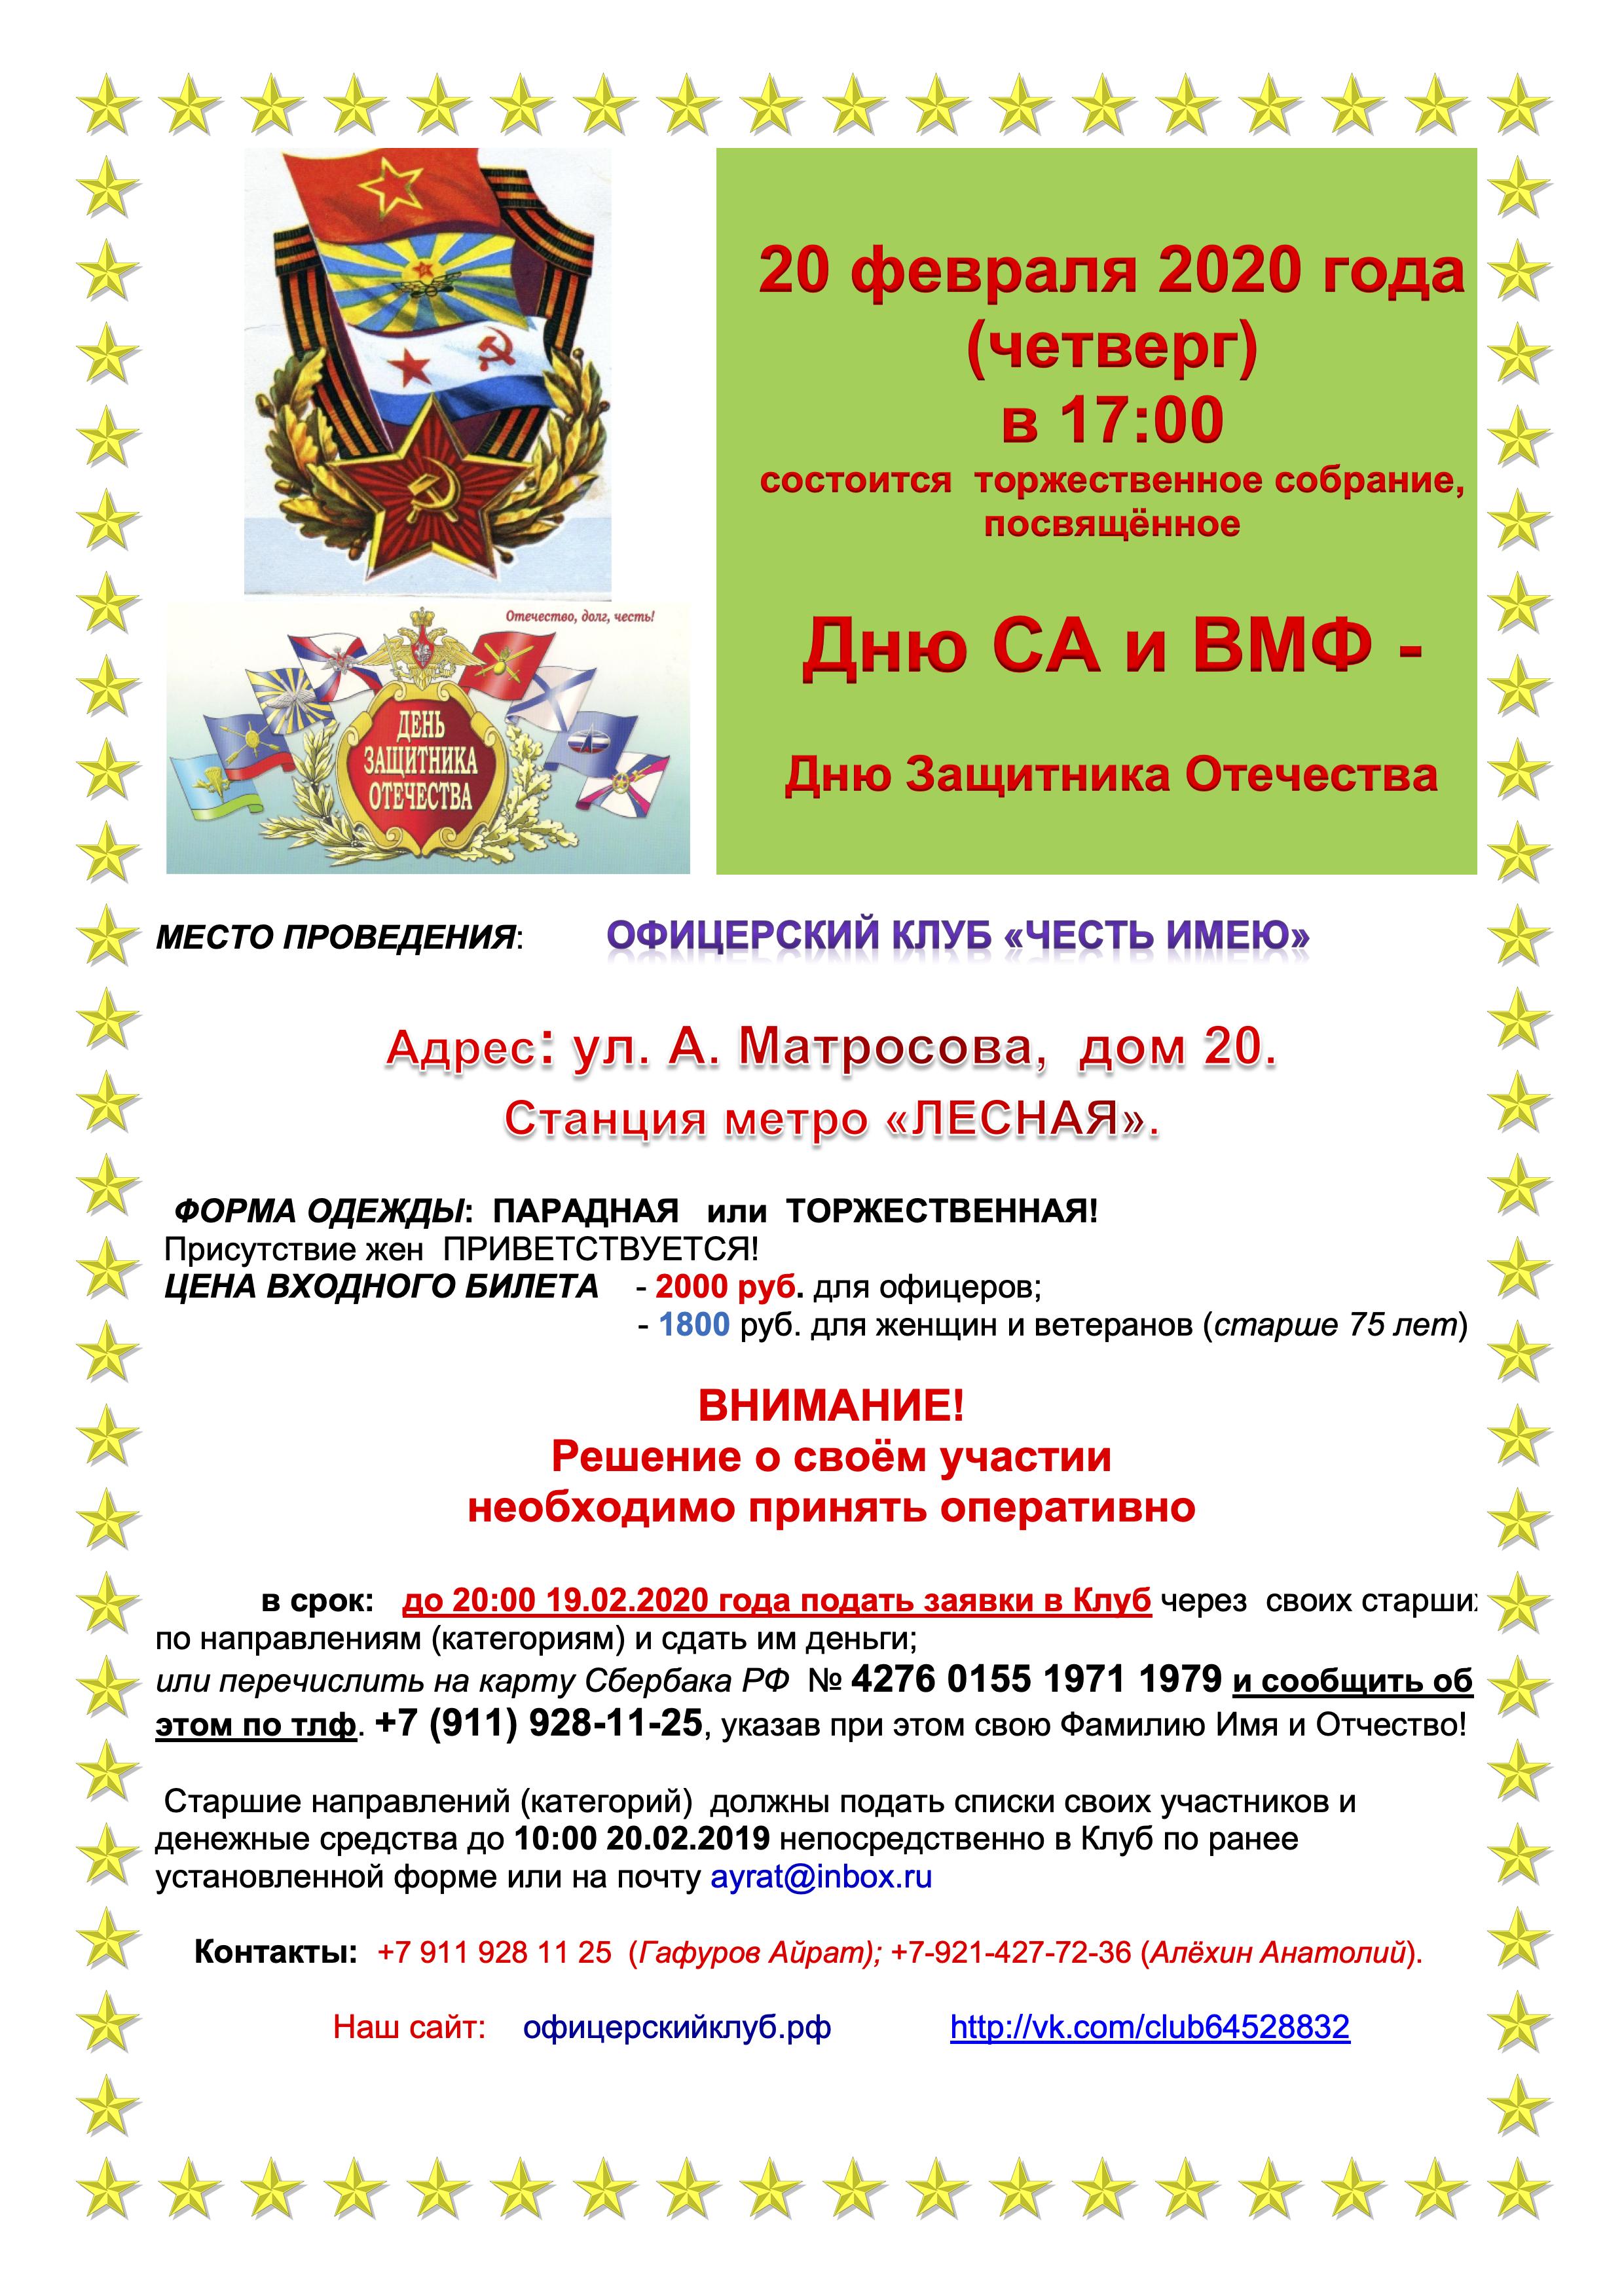 СООБЩЕНИЕ ВСТРЕЧА ДЕНЬ САиВМФ 20.02.20  17 часов